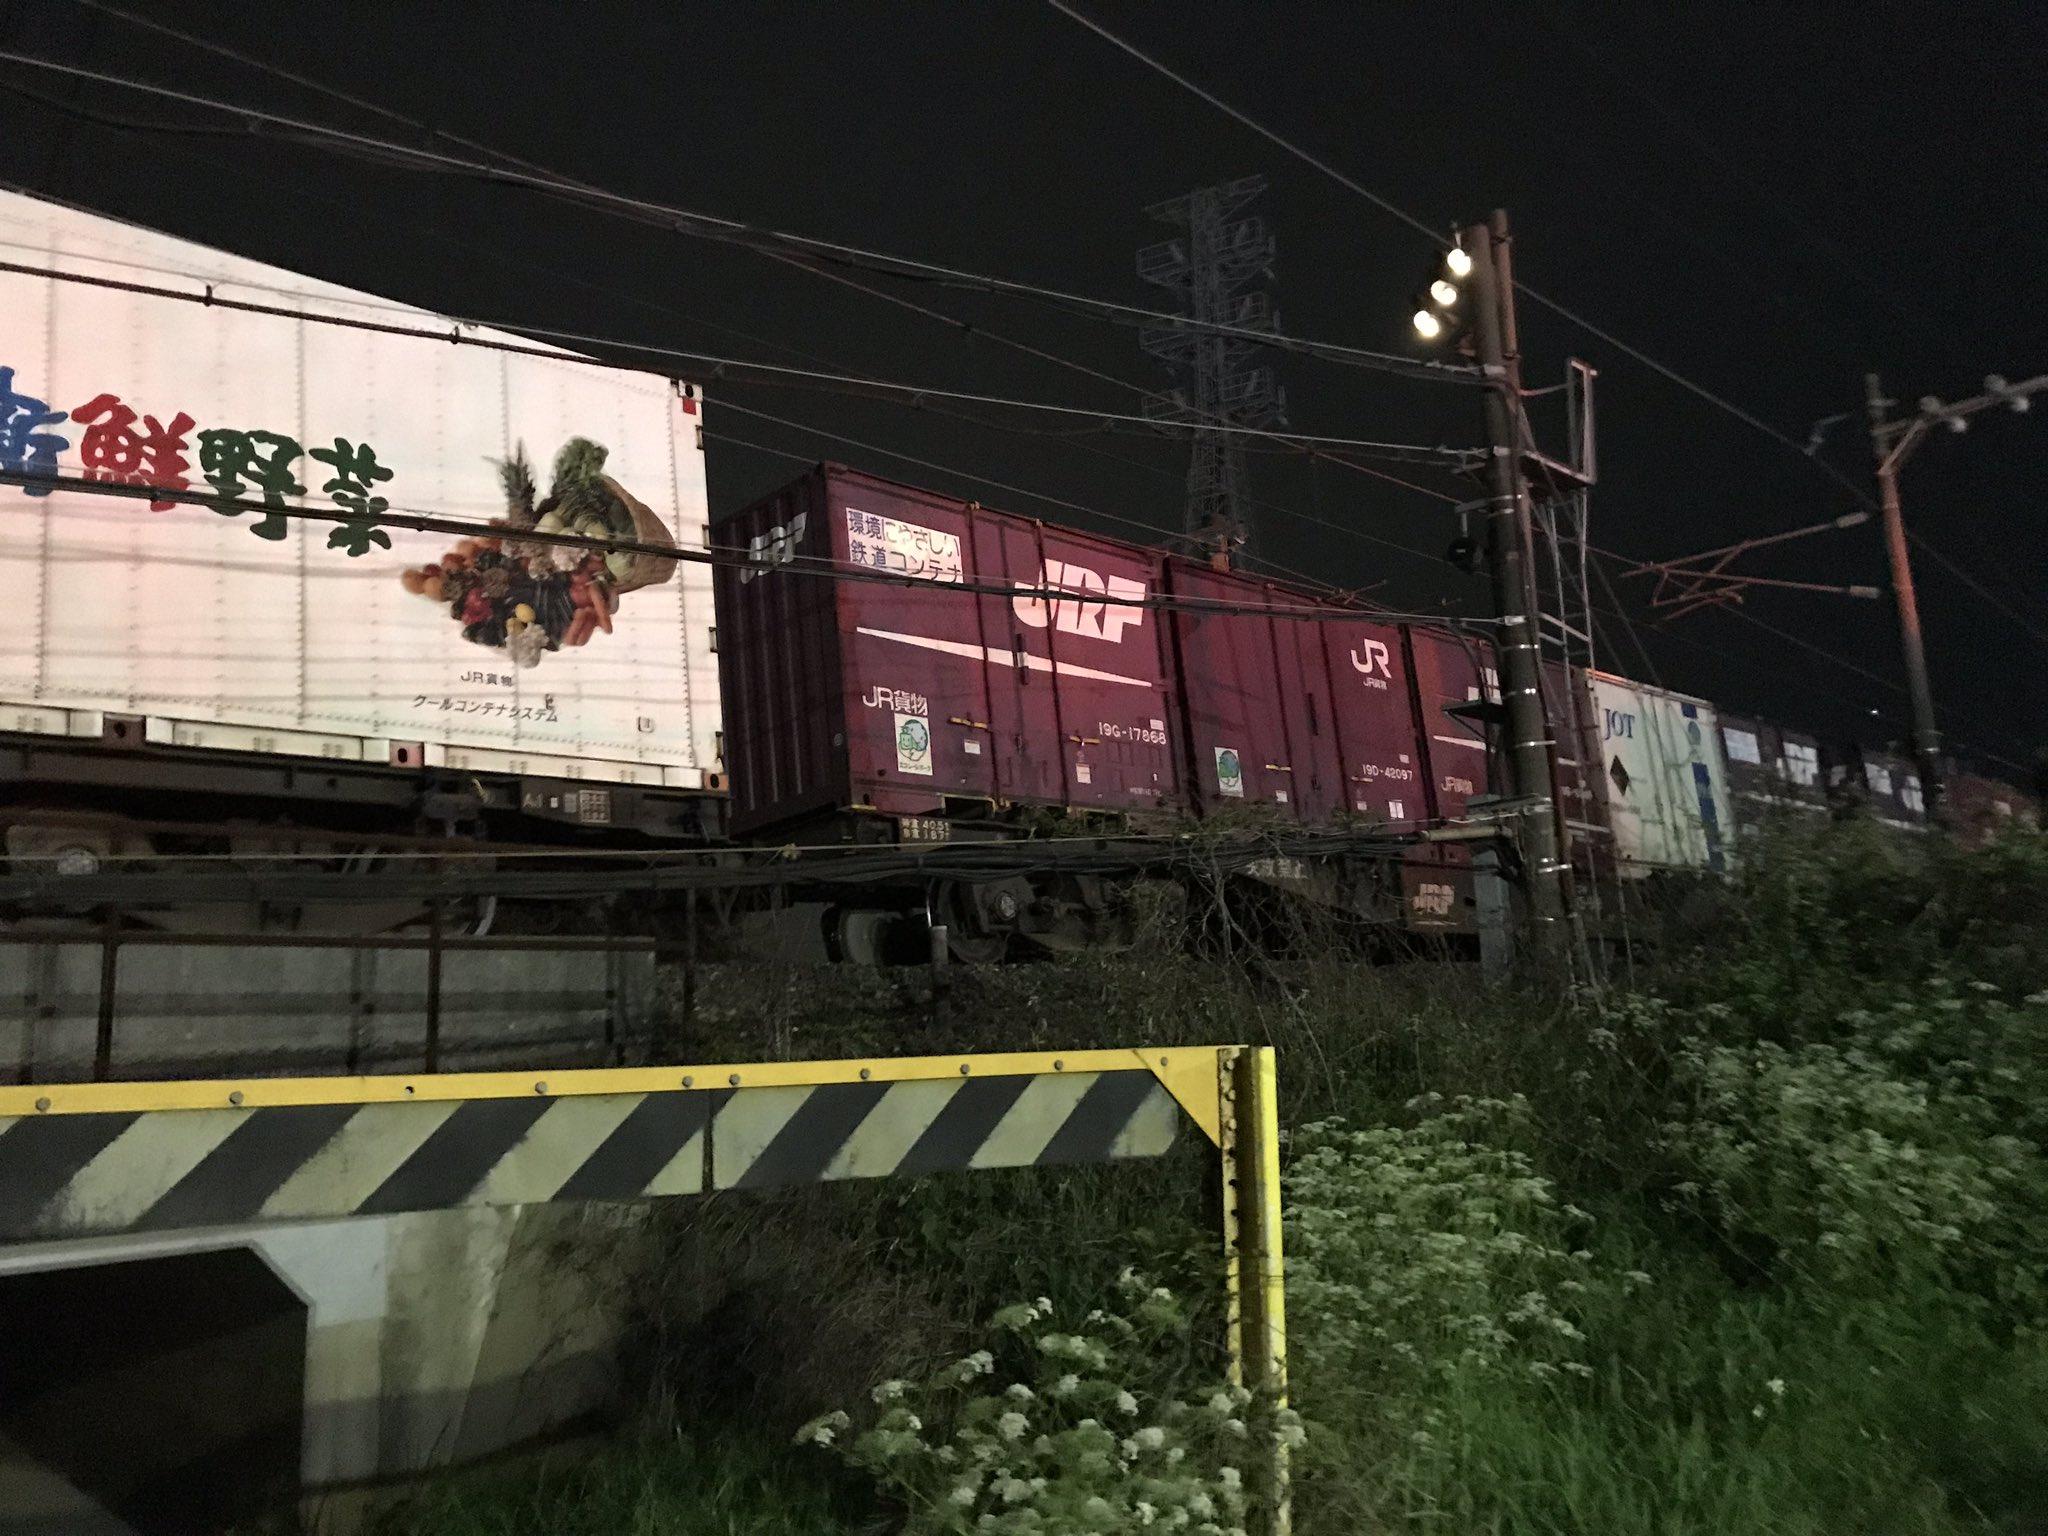 画像,鹿児島本線赤間-東郷間 下り線人身事故。列車対人のようです。車両の下を探しています。#鹿児島本線 #jr九州 #赤間 #人身事故 https://t.co/c5…